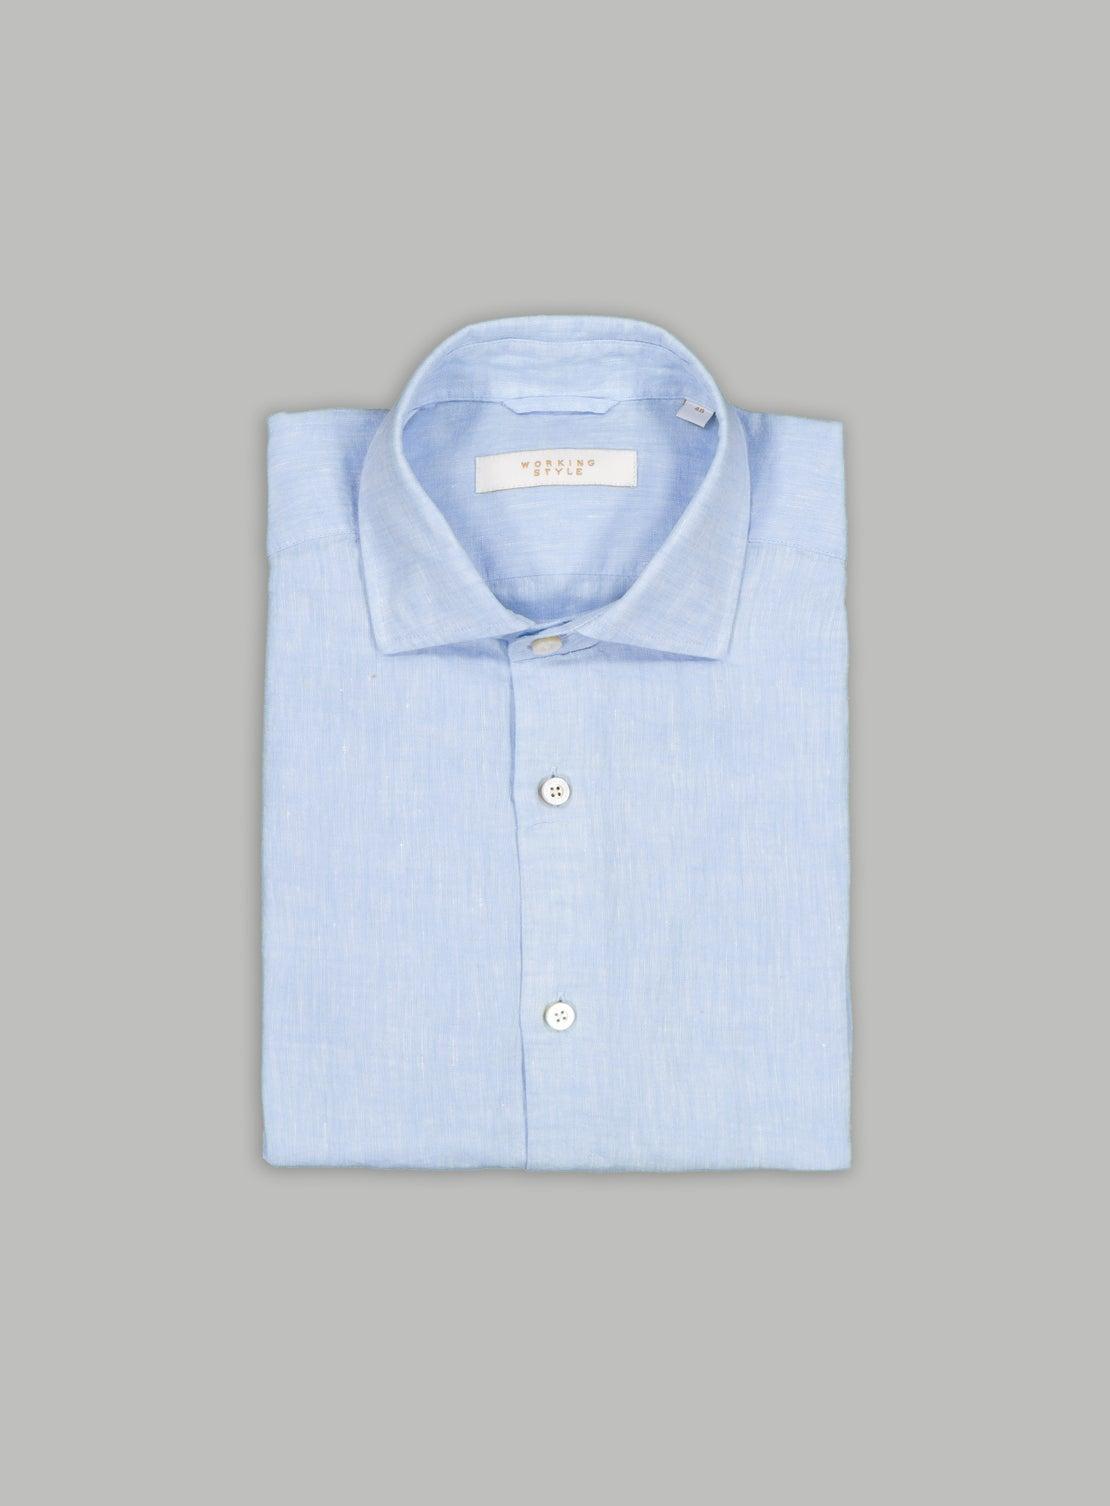 Ice Blue Linen Shirt